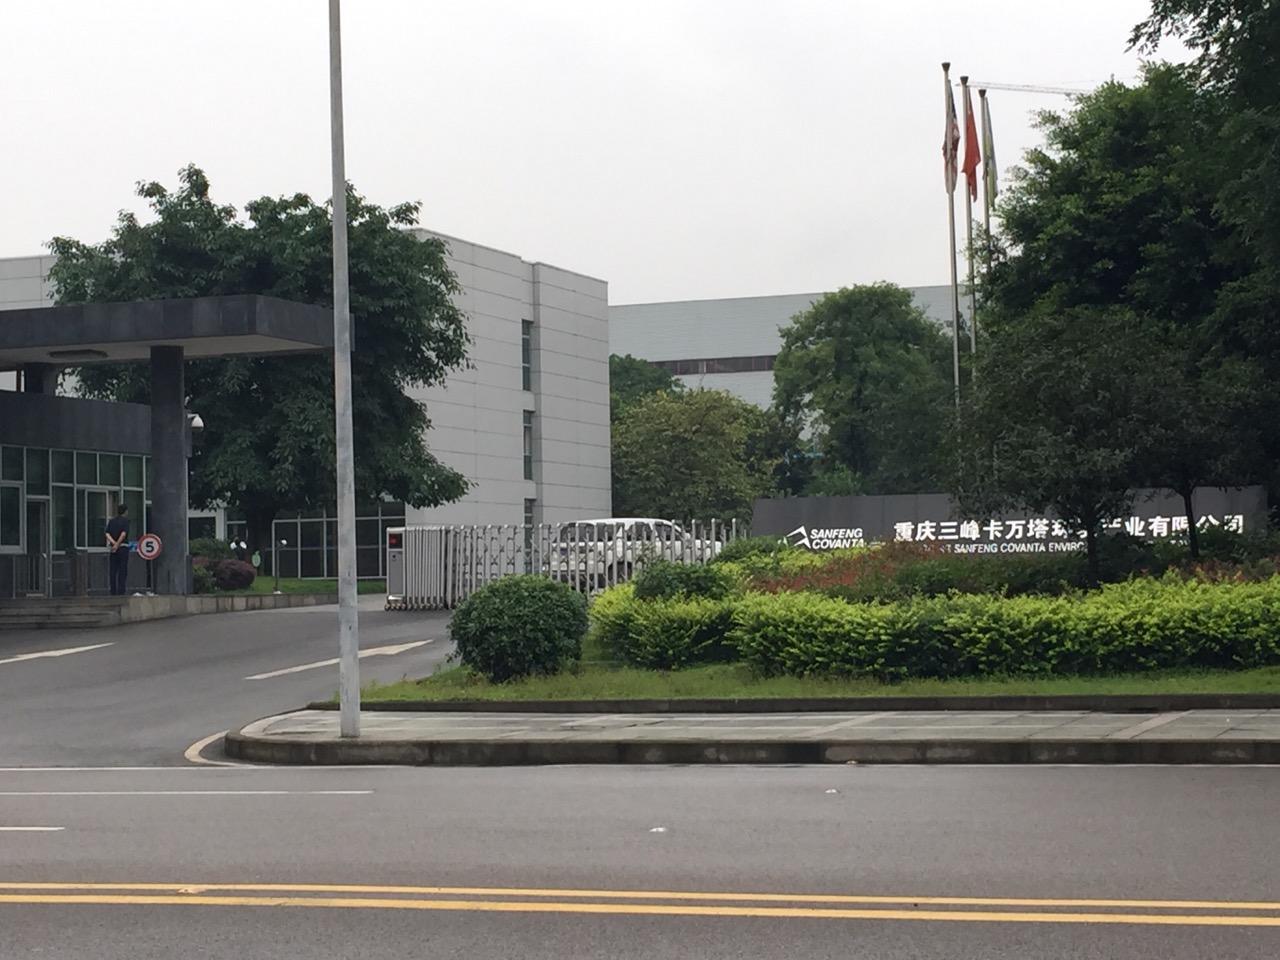 重庆三峰卡万塔环境产业有限公司油烟机清洗